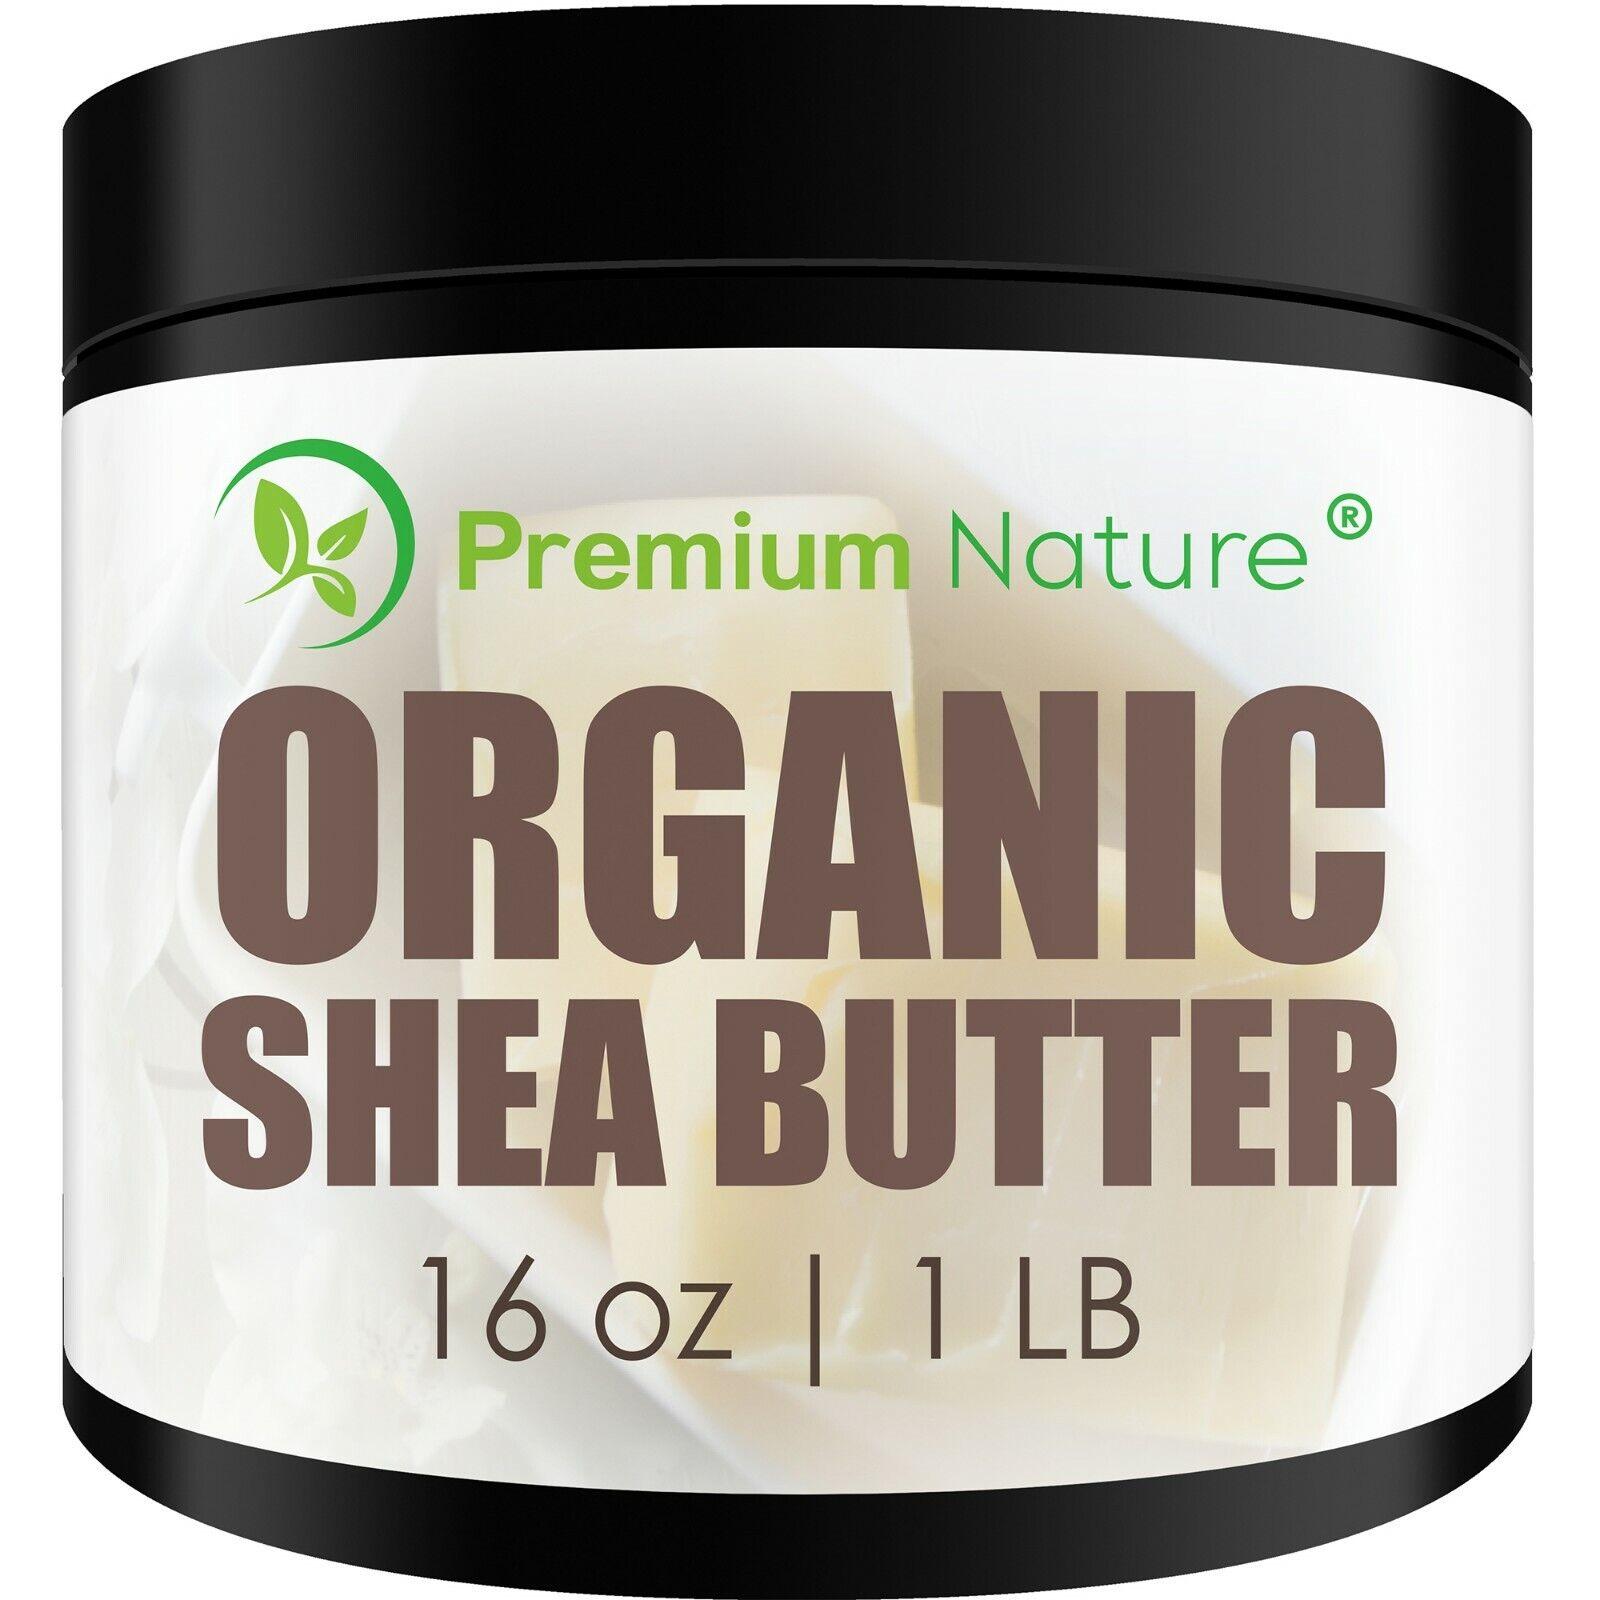 African Shea Butter Strech Mark Removal Eczema Treatment Raw